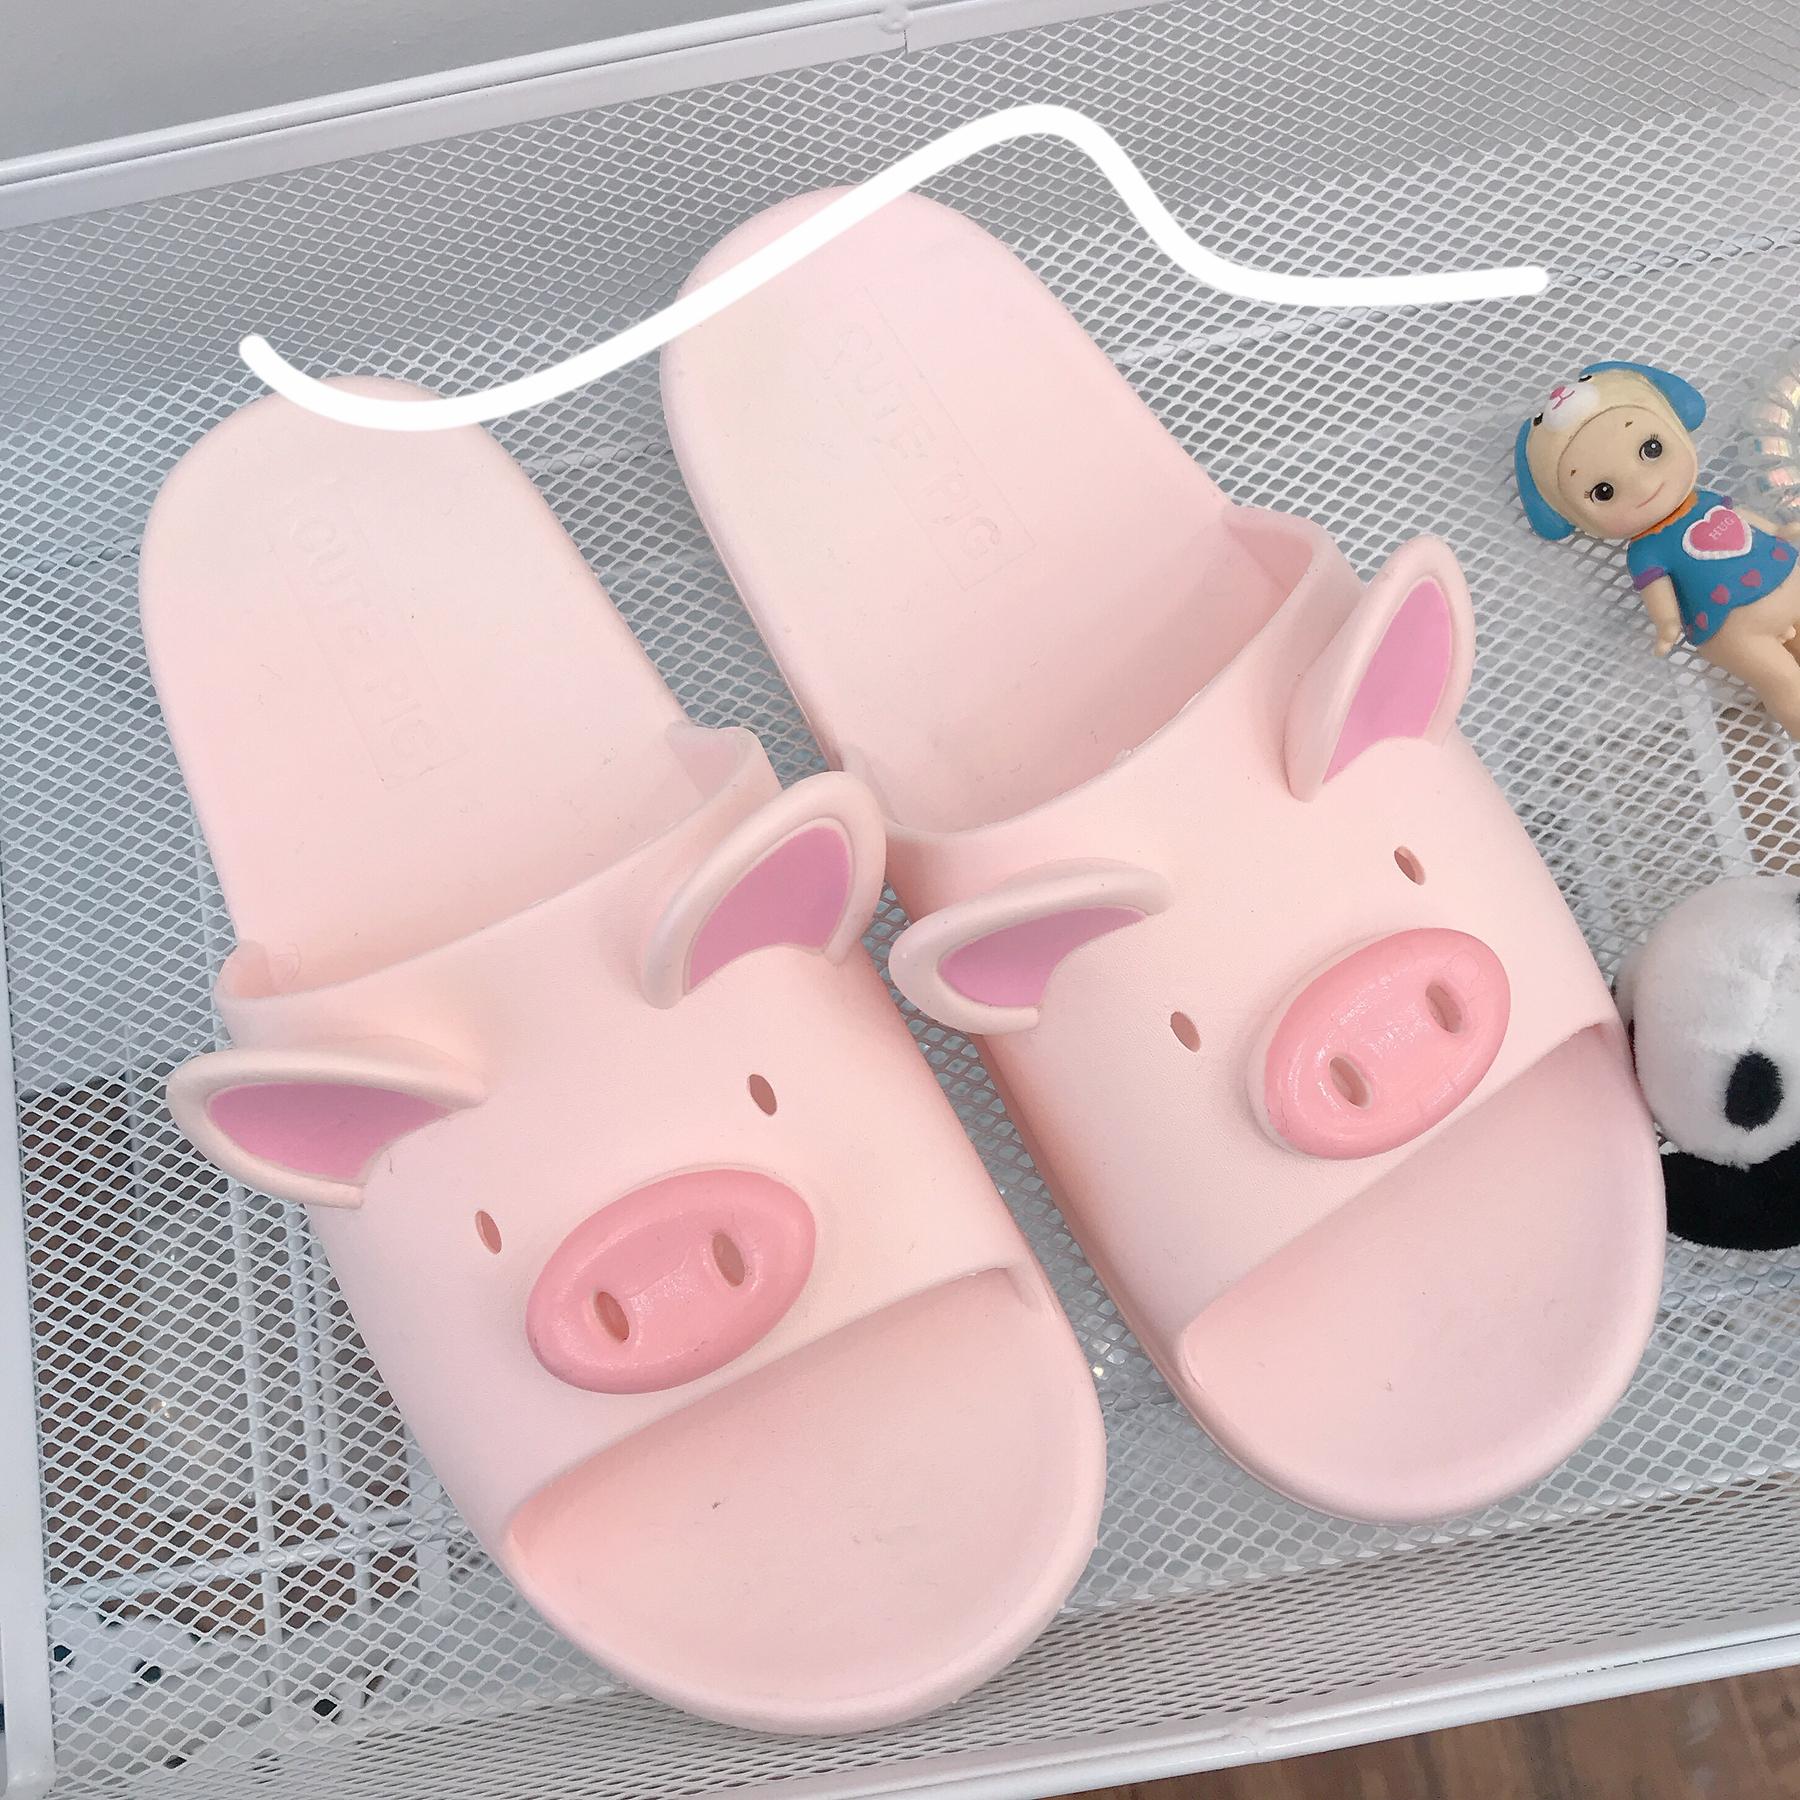 韩风 可爱粉色小猪拖鞋居家少女夏室内外穿防滑橡胶洗澡凉拖鞋  ins